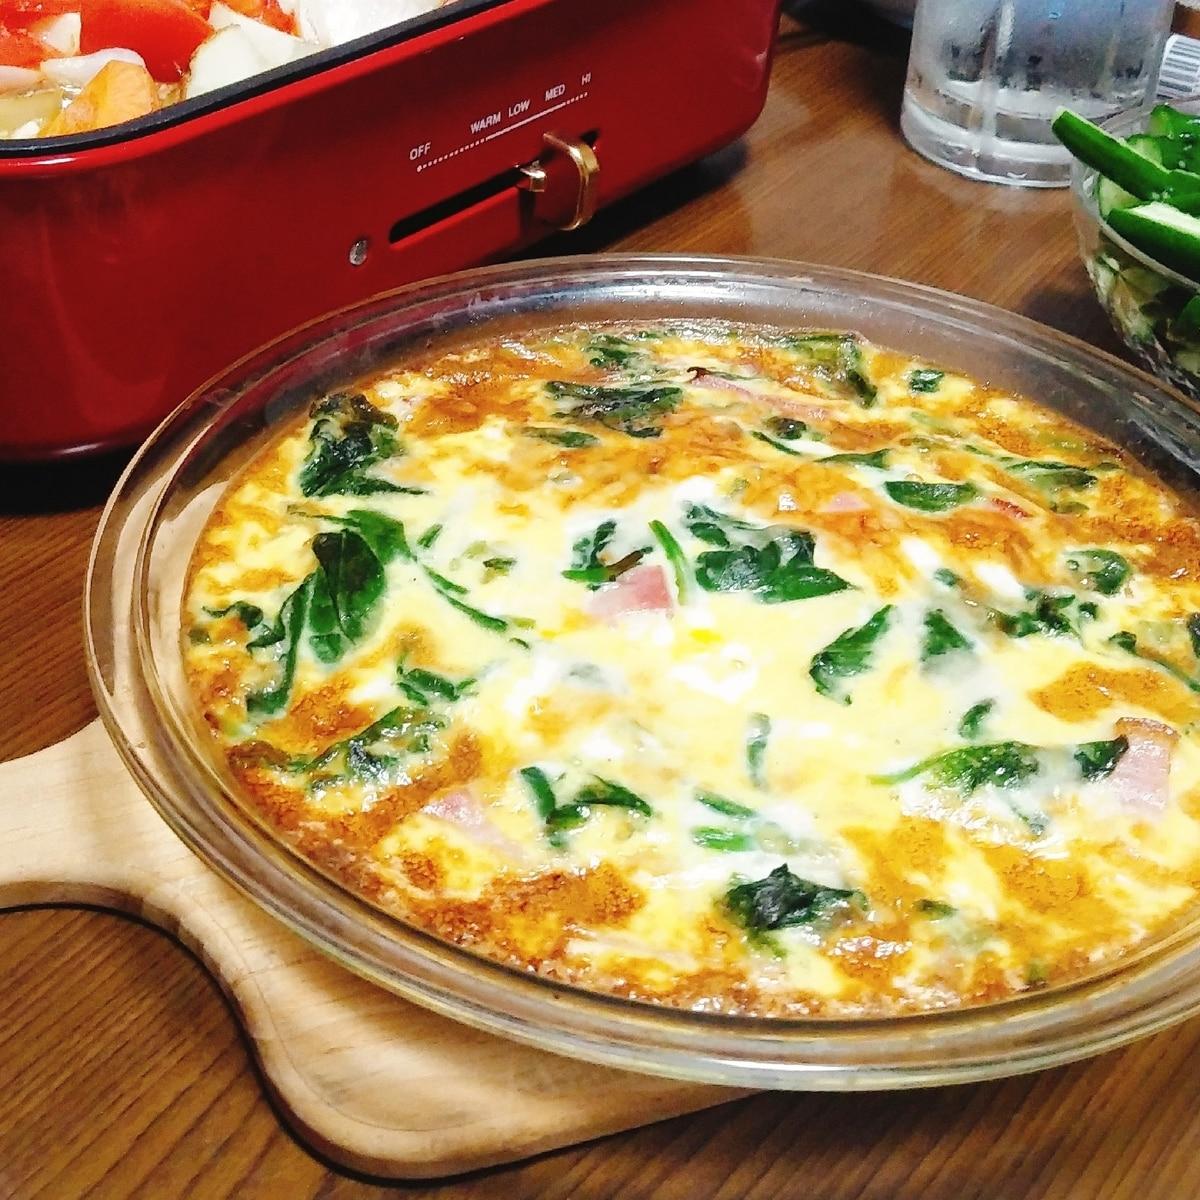 簡単 ほうれん草とベーコンのパイなしキッシュ レシピ 作り方 By Murano Kumasan 楽天レシピ